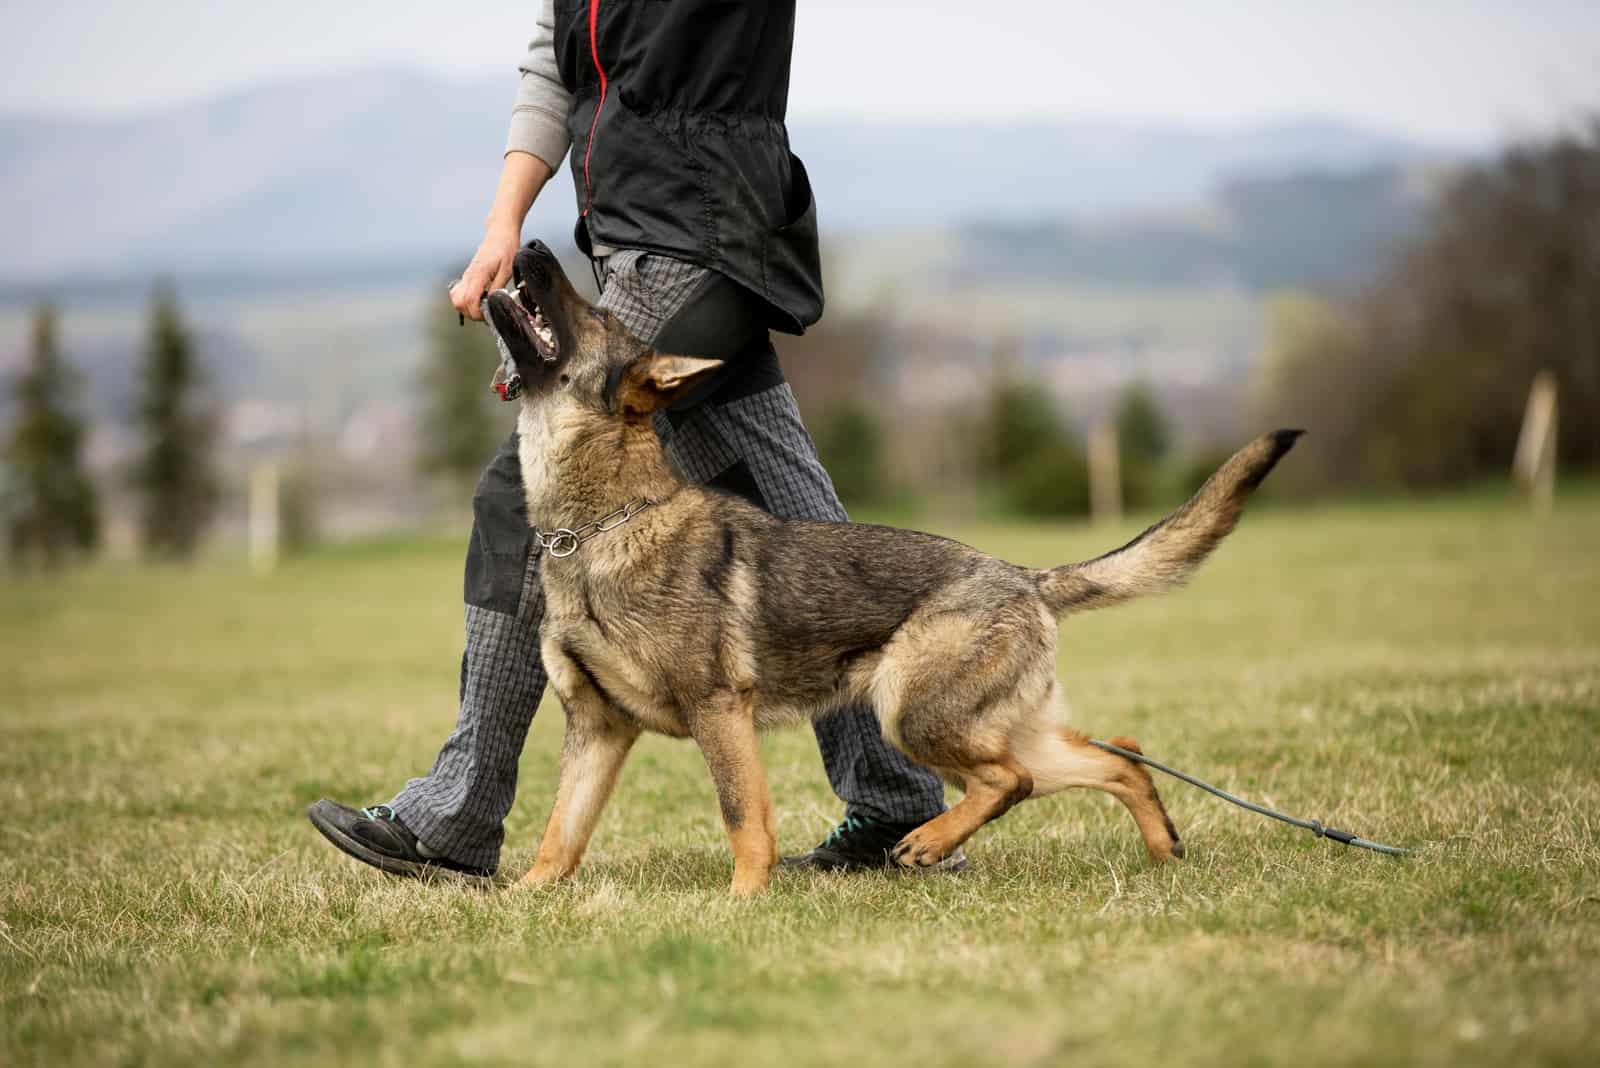 German shepherd in obedience training on green grass